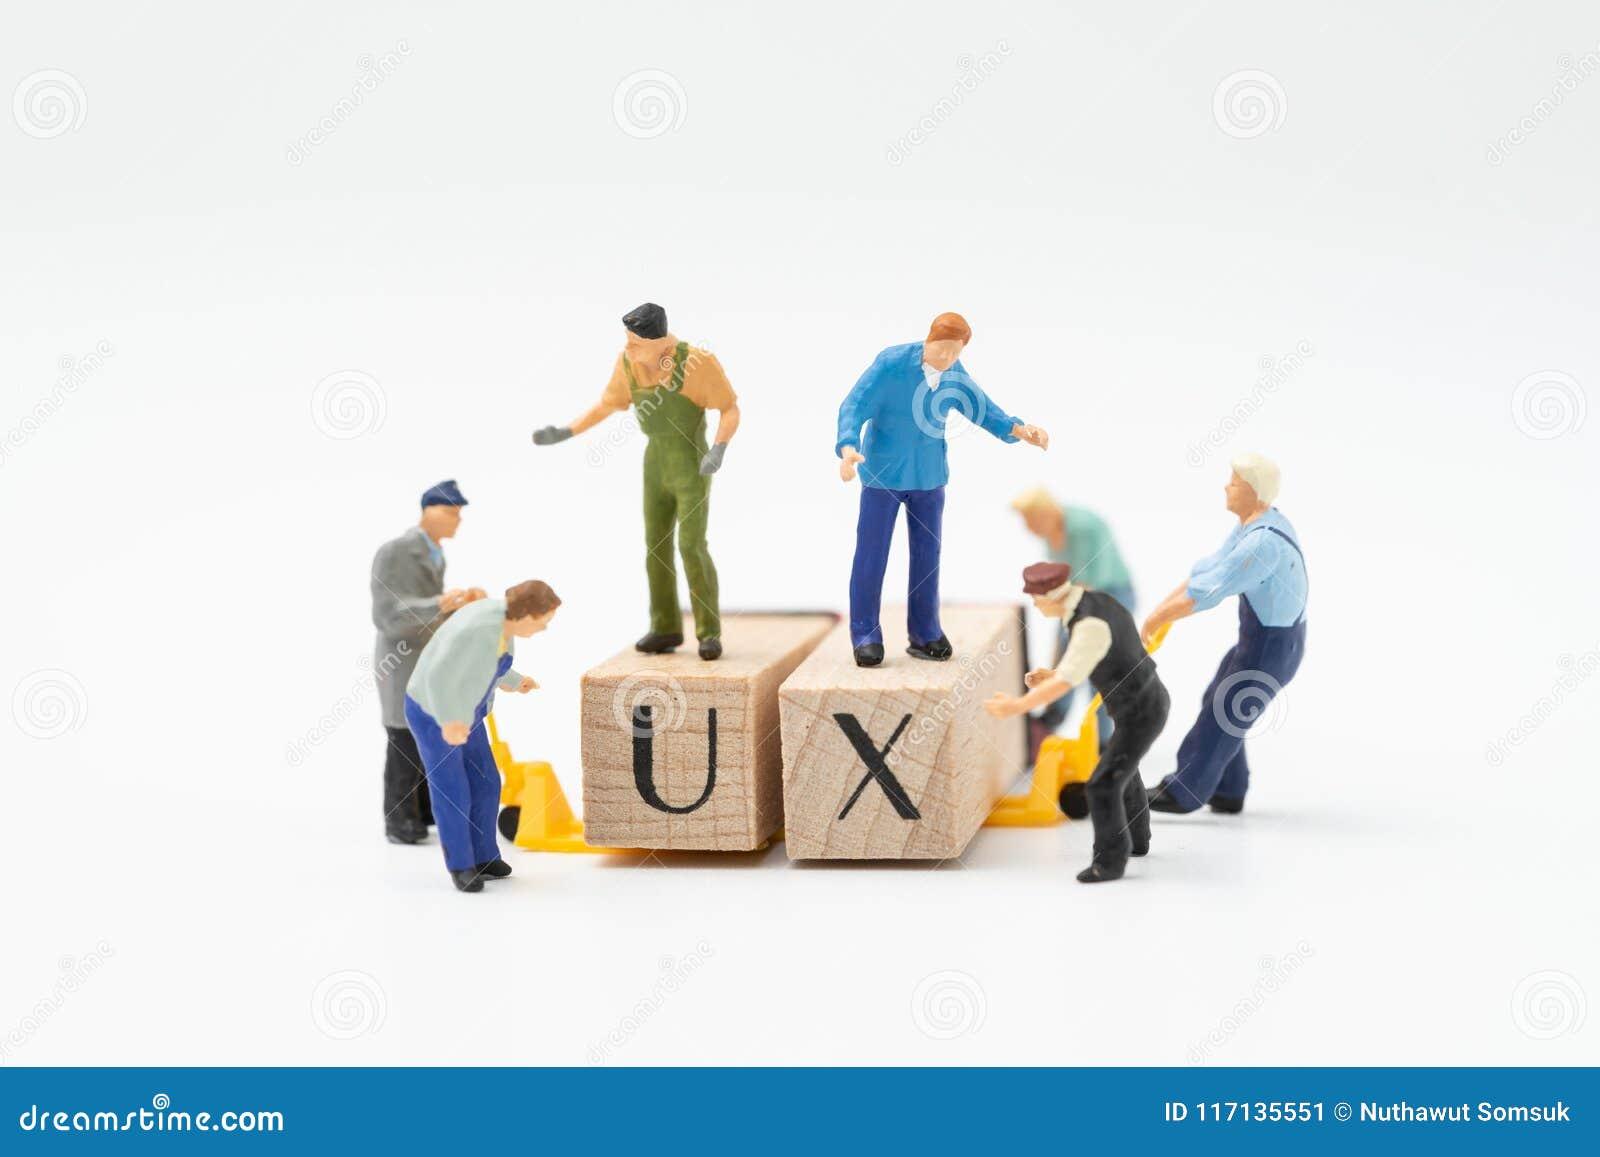 UX, concepto de la creación de la experiencia del usuario, estatuillas miniatura de la gente